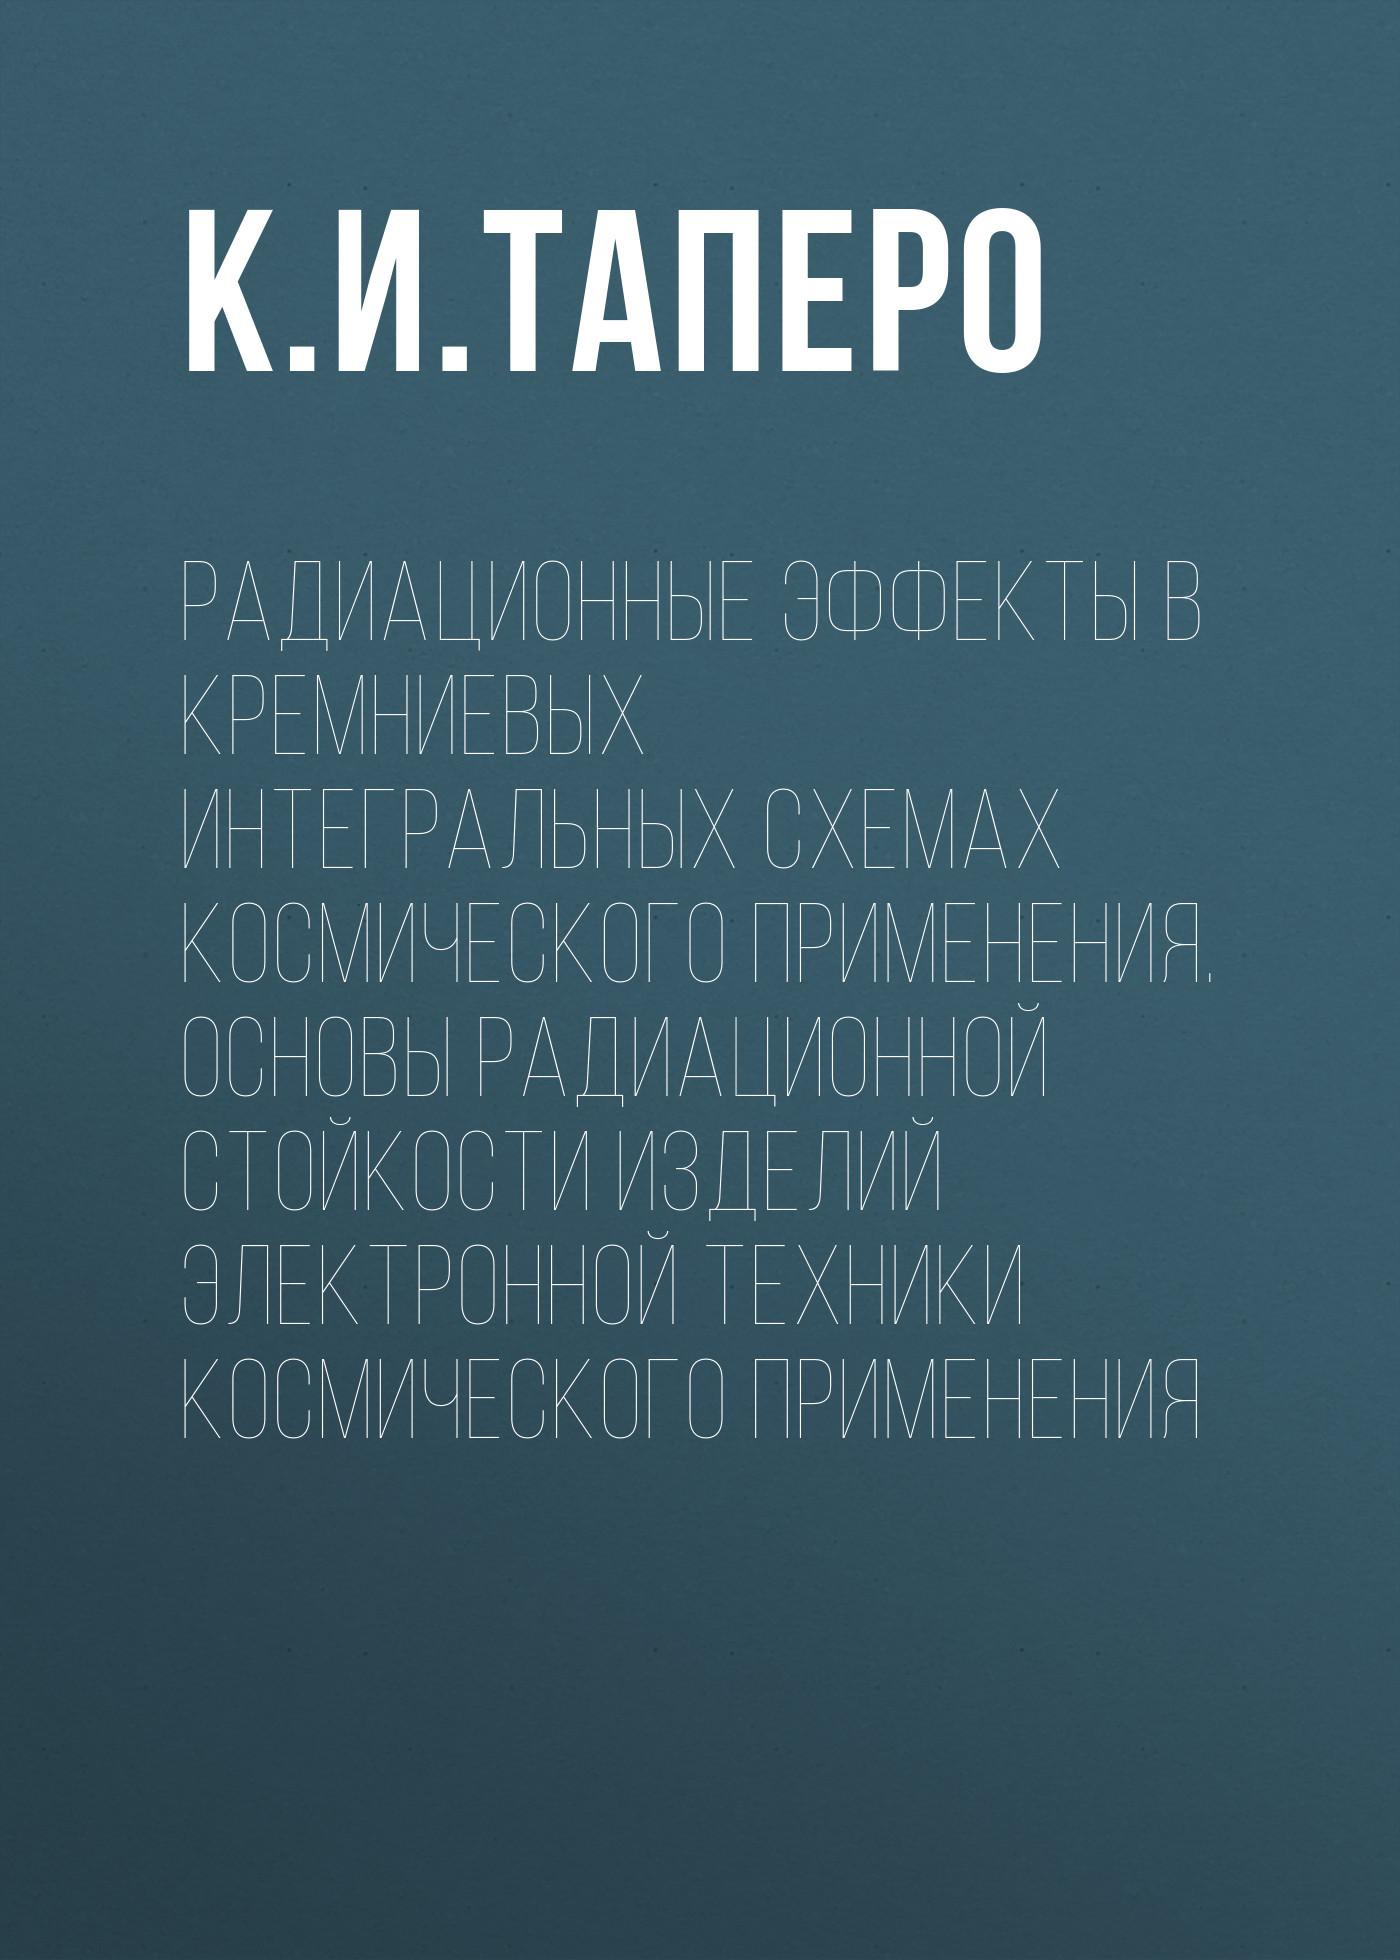 К. И. Таперо Радиационные эффекты в кремниевых интегральных схемах космического применения. Основы радиационной стойкости изделий электронной техники космического применения международный электротехнический словарь регистрация и измерение ионизирующего излучения электричес